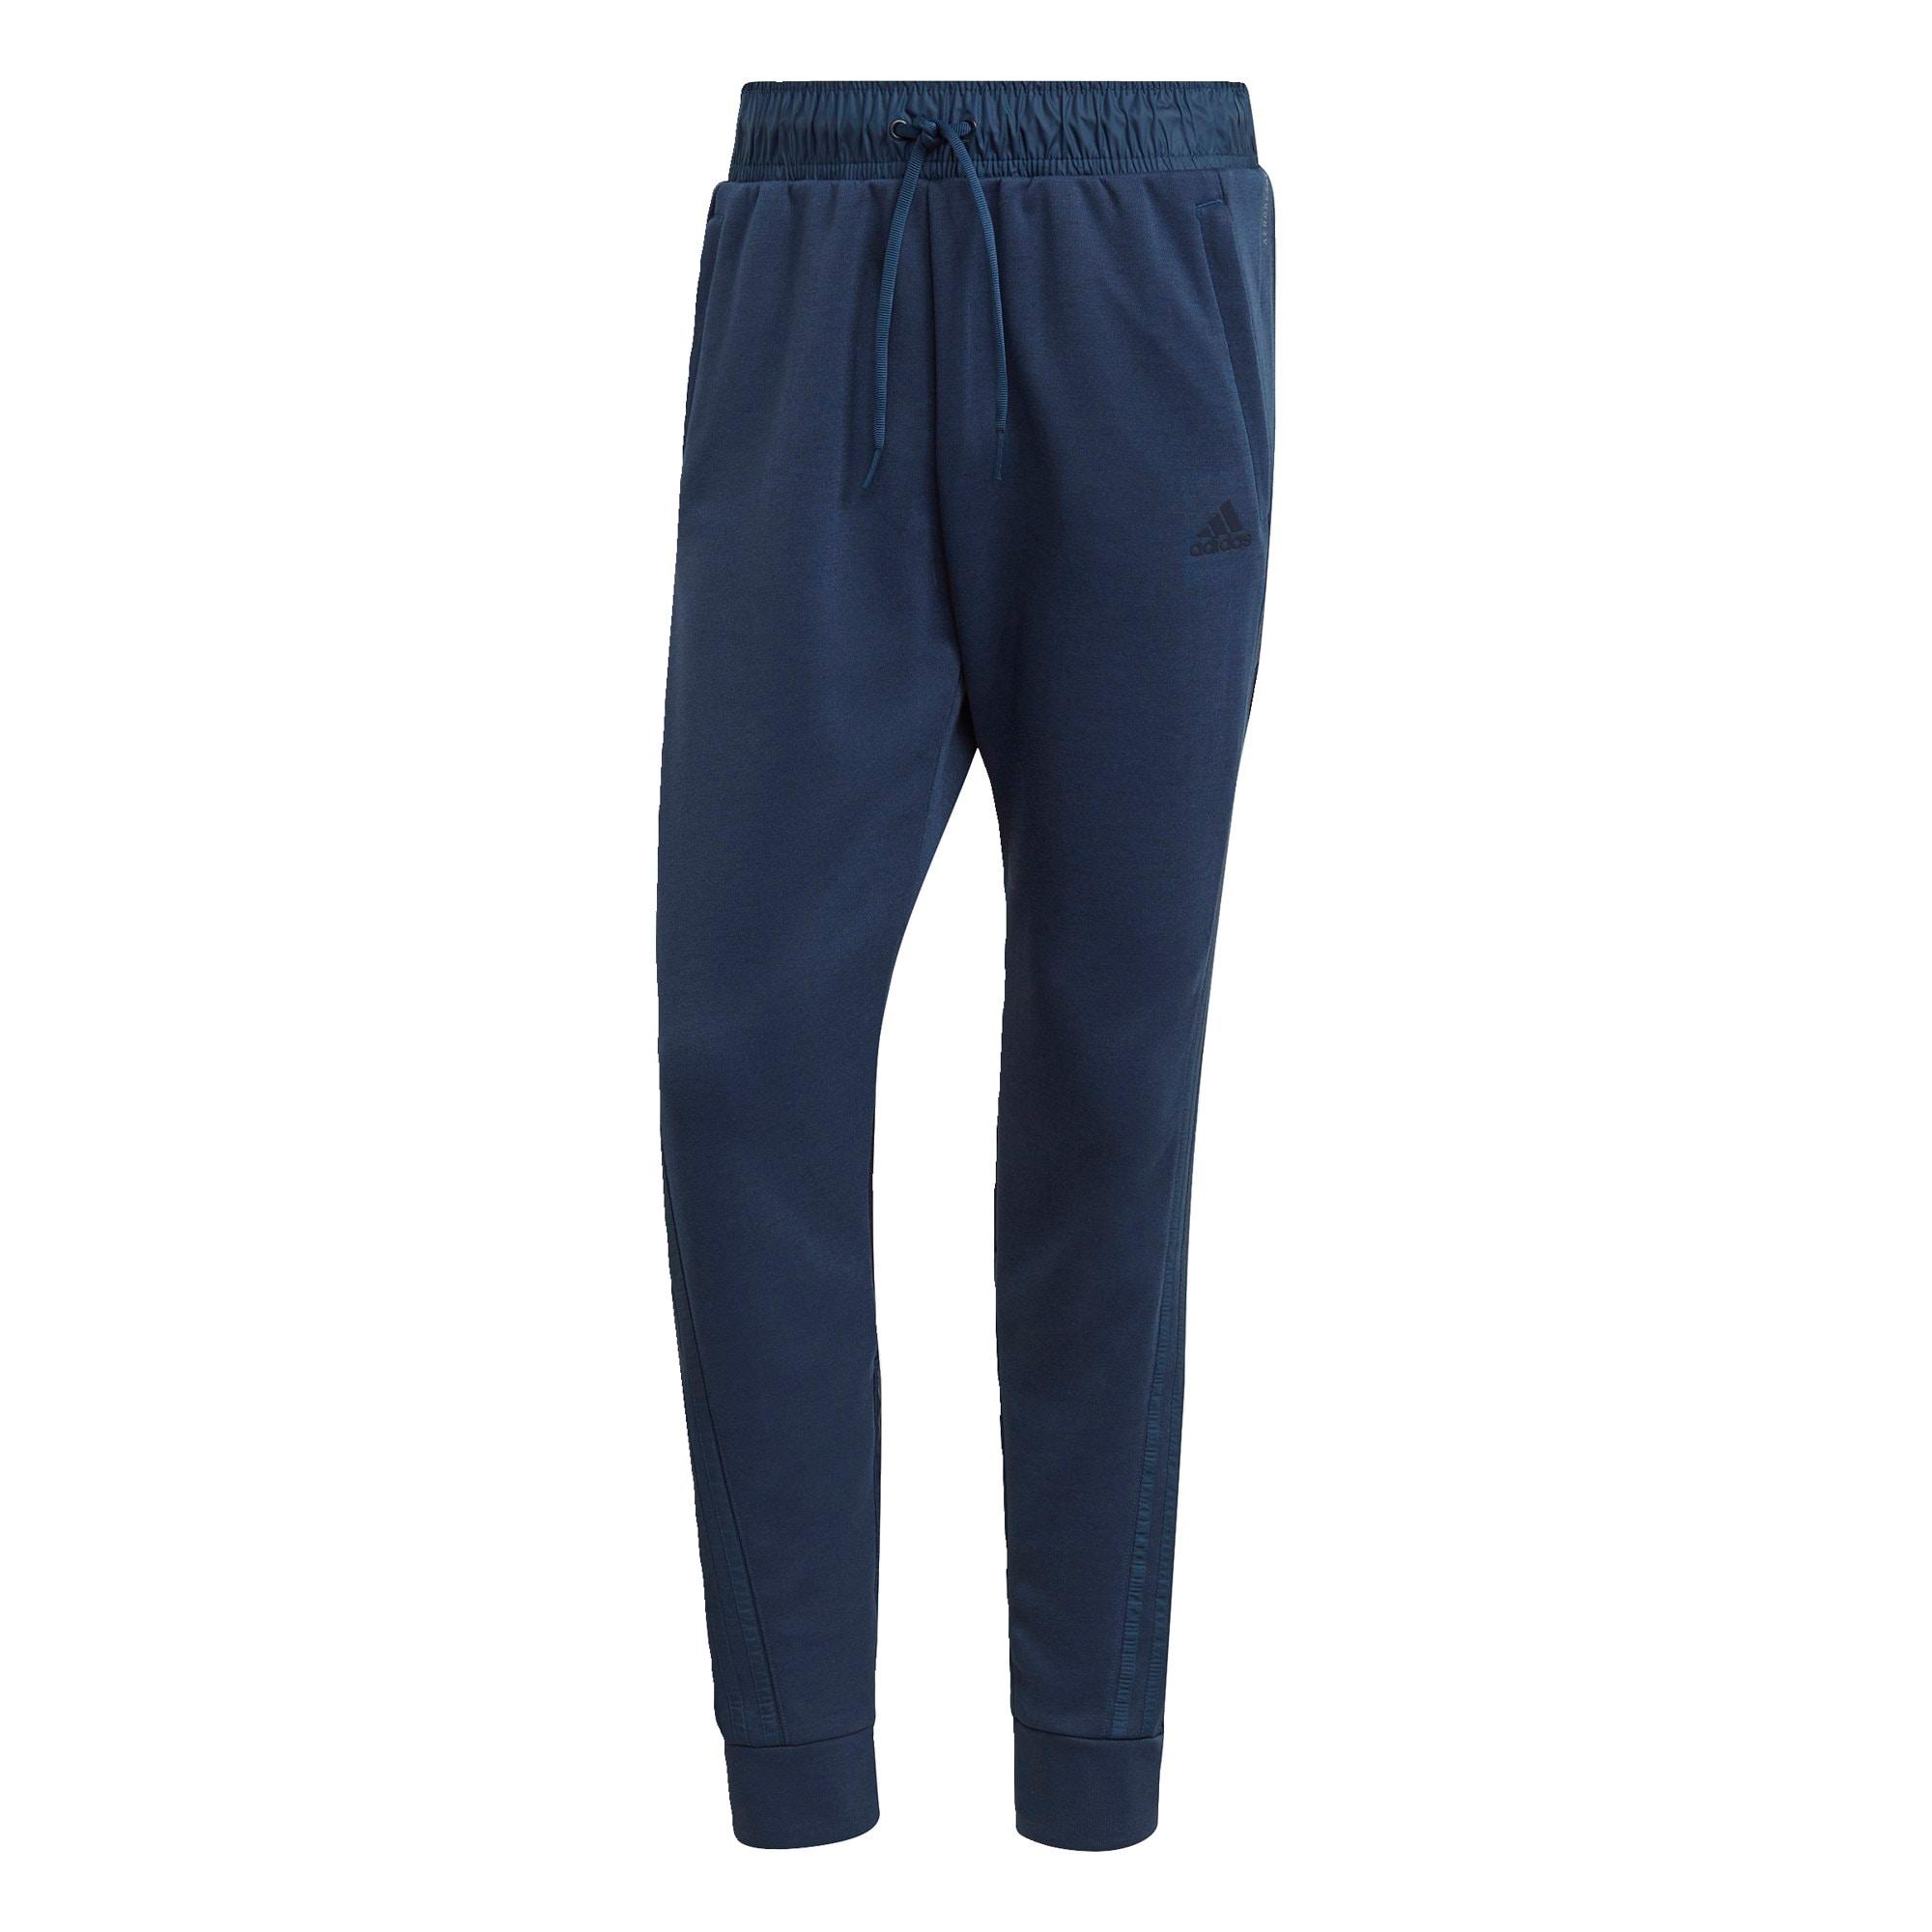 ADIDAS PERFORMANCE Sportinės kelnės mėlyna / tamsiai mėlyna